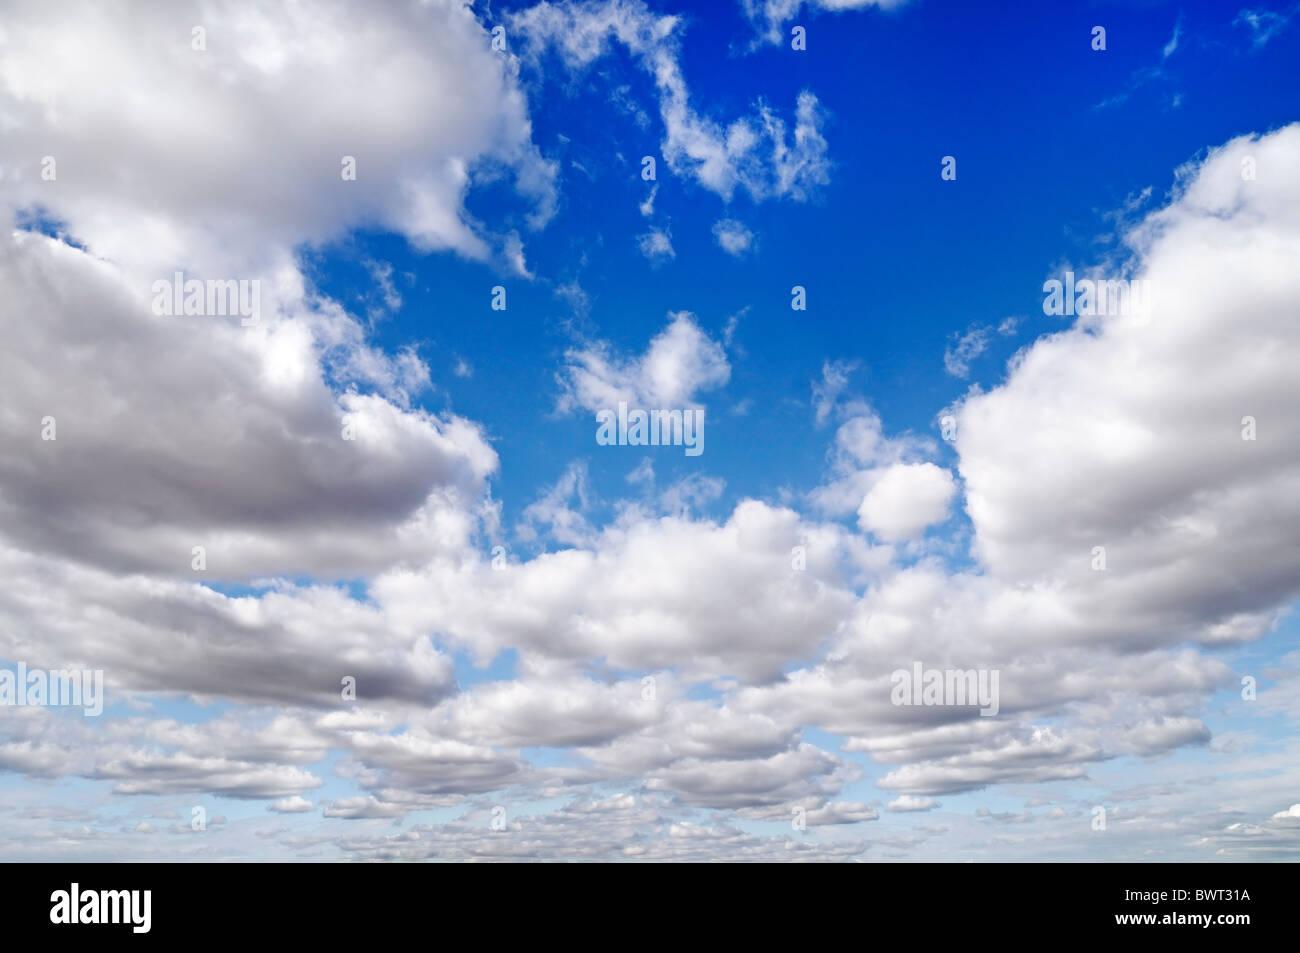 Blauer Himmel Wolke gefüllt Stockbild